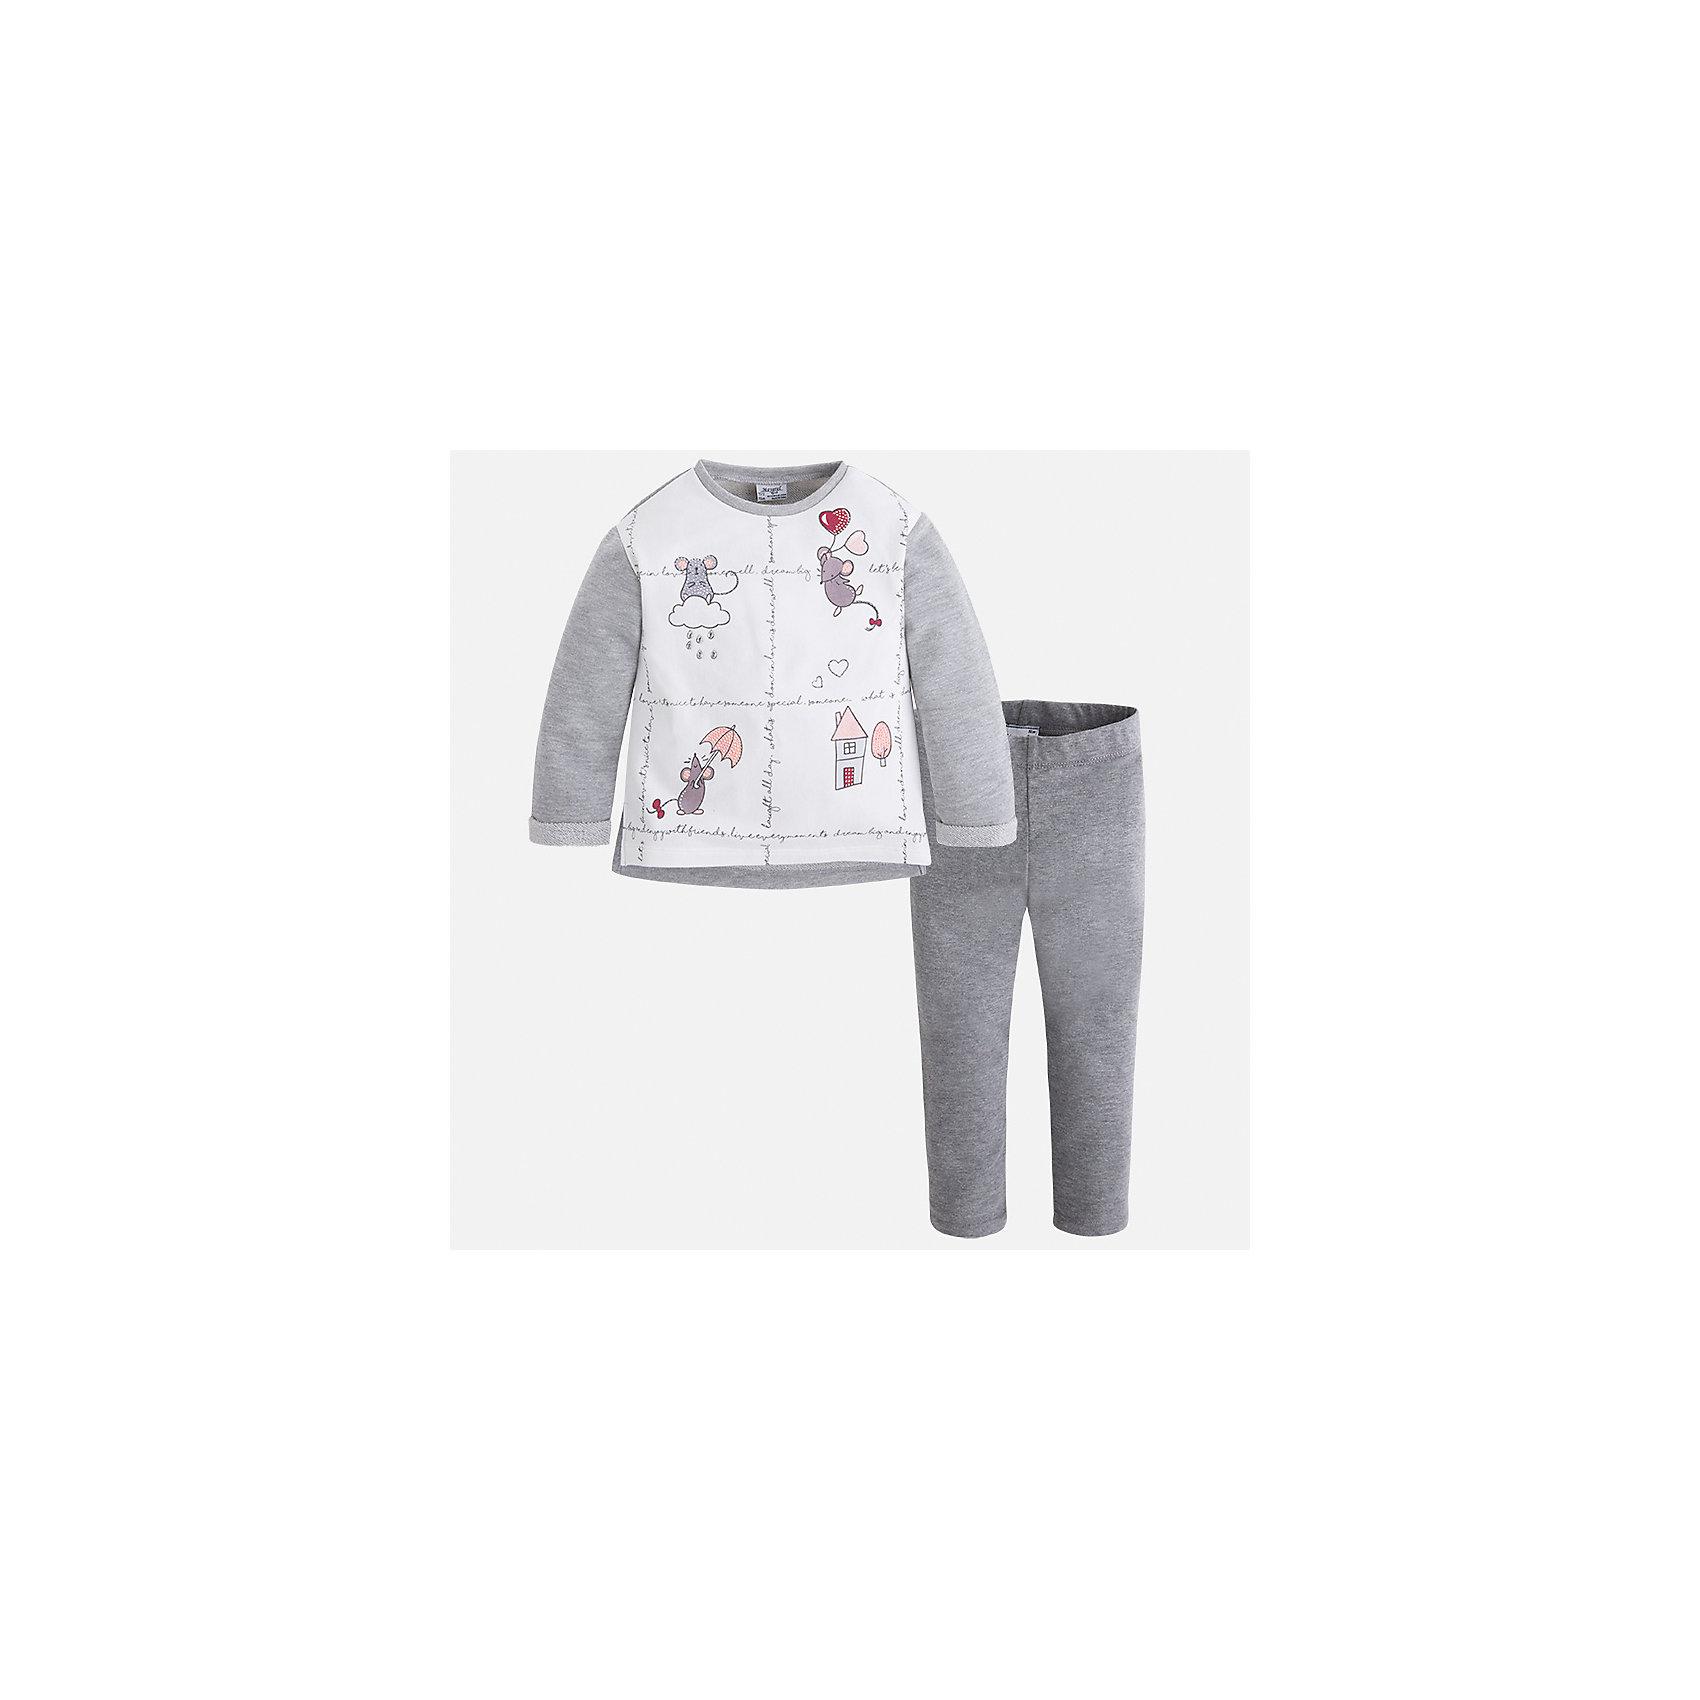 Комплект: футболка с длинным рукавом и леггинсы Mayoral для девочкиКомплекты<br>Характеристики товара:<br><br>• цвет: серый<br>• комплектация: футболка с длинным рукавом и леггинсы<br>• состав ткани леггинсов: 50% хлопок, 38% полиэстер, 9% металлизированное волокно, 3% эластан<br>• состав ткани футболки с длинным рукавом: 57% хлопок, 38% полиэстер, 5% эластан<br>• длинные рукава<br>• пояс: резинка<br>• сезон: круглый год<br>• страна бренда: Испания<br>• страна изготовитель: Индия<br><br>Мягкая футболка с длинным рукавом с принтом отлично сочетается с однотонными трикотажными леггинсами. Стильный детский комплект от известного испанского бренда Mayoral позволит обеспечить ребенку комфорт. <br><br>В одежде от испанской компании Майорал ребенок будет выглядеть модно, а чувствовать себя - комфортно. Целая команда европейских талантливых дизайнеров работает над созданием стильных и оригинальных моделей одежды.<br><br>Комплект: футболка с длинным рукавом и леггинсы для девочки Mayoral (Майорал) можно купить в нашем интернет-магазине.<br><br>Ширина мм: 123<br>Глубина мм: 10<br>Высота мм: 149<br>Вес г: 209<br>Цвет: серебряный<br>Возраст от месяцев: 96<br>Возраст до месяцев: 108<br>Пол: Женский<br>Возраст: Детский<br>Размер: 134,92,98,104,110,116,122,128<br>SKU: 6922670